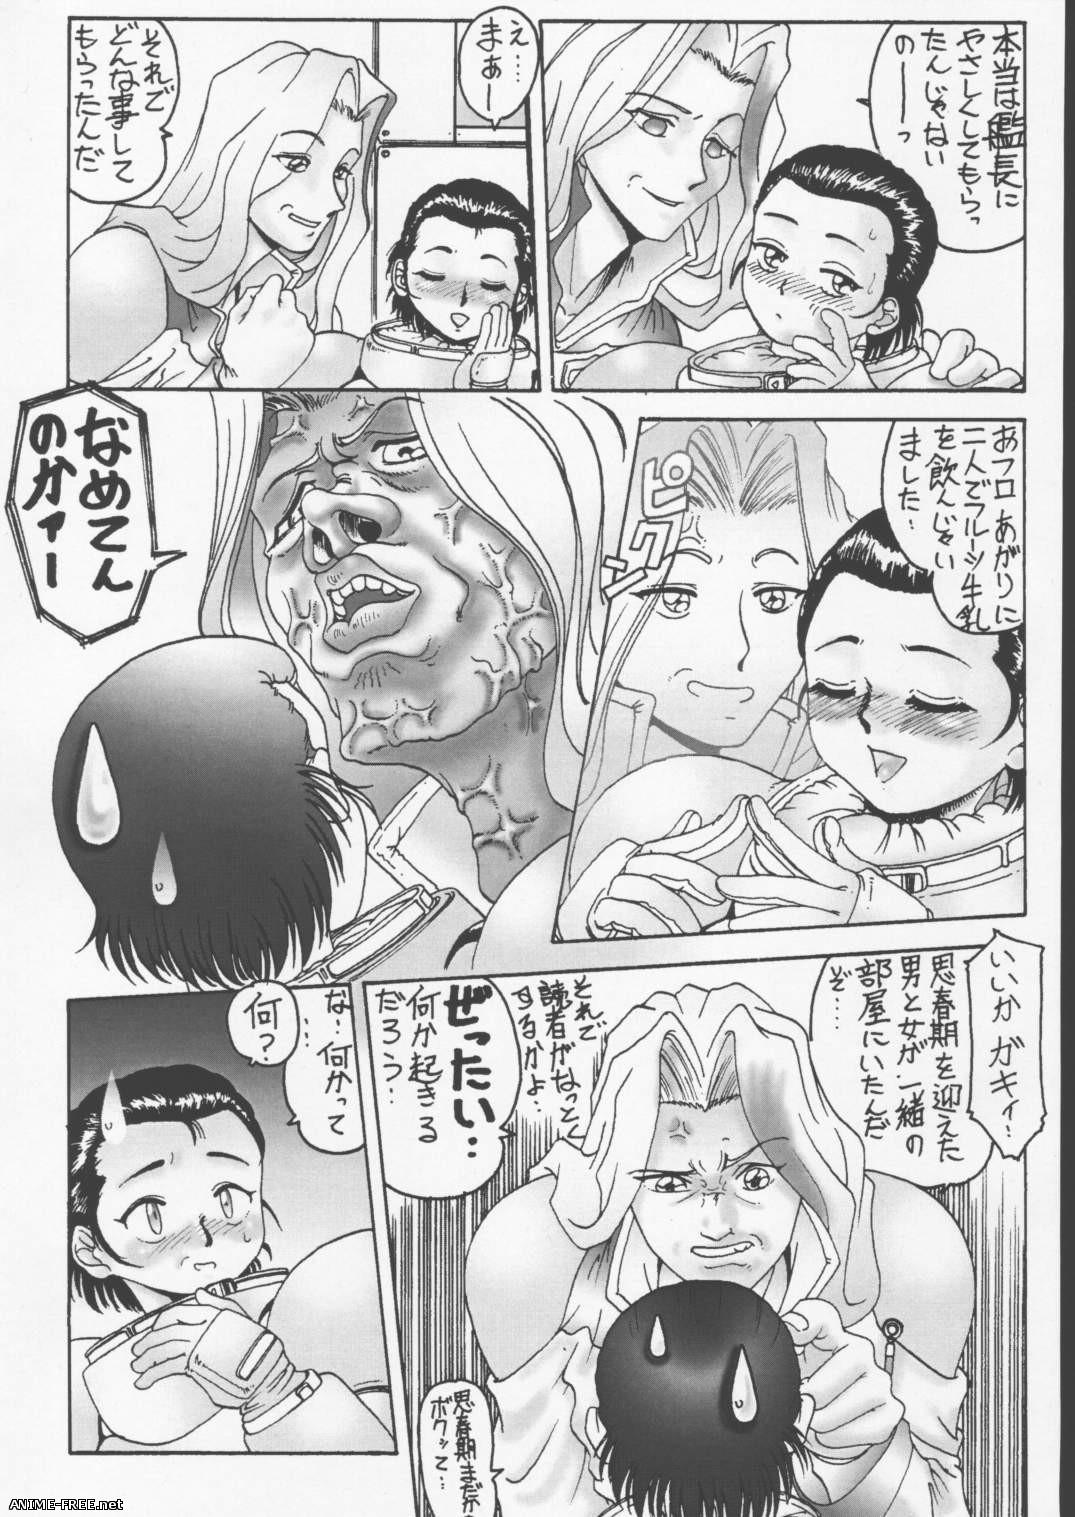 TYPE.90 - Сборник хентай манги [Ptcen] [ENG,JAP,RUS] Manga Hentai